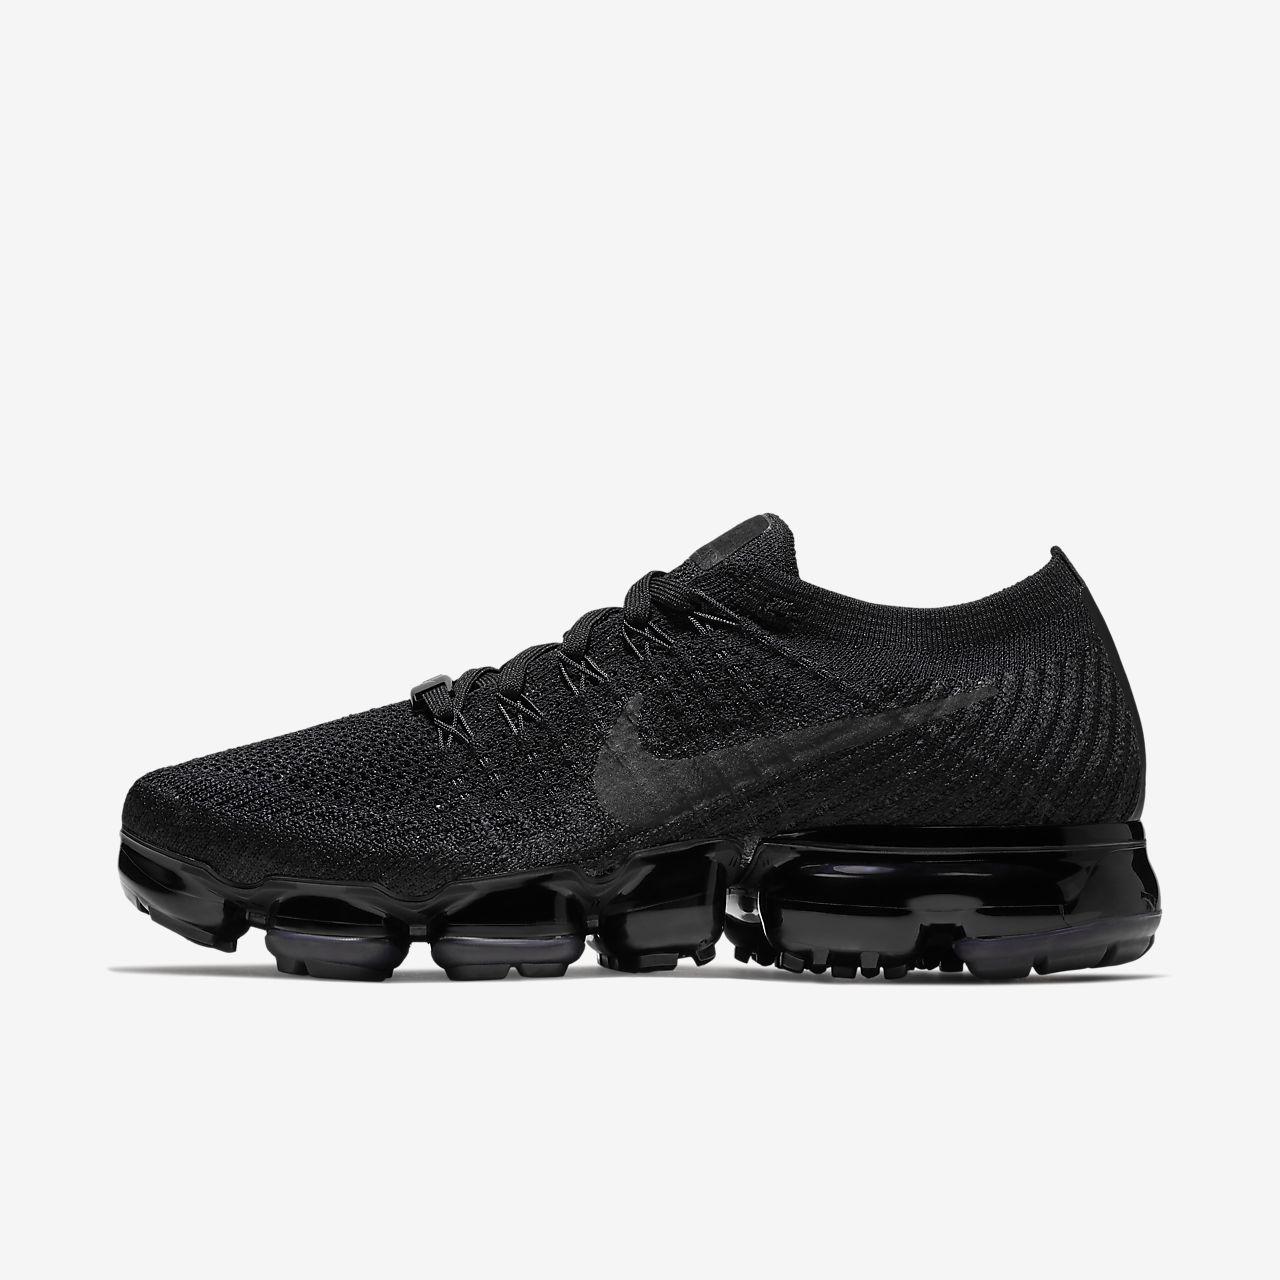 Chaussure de running Nike Air VaporMax Flyknit pour Femme